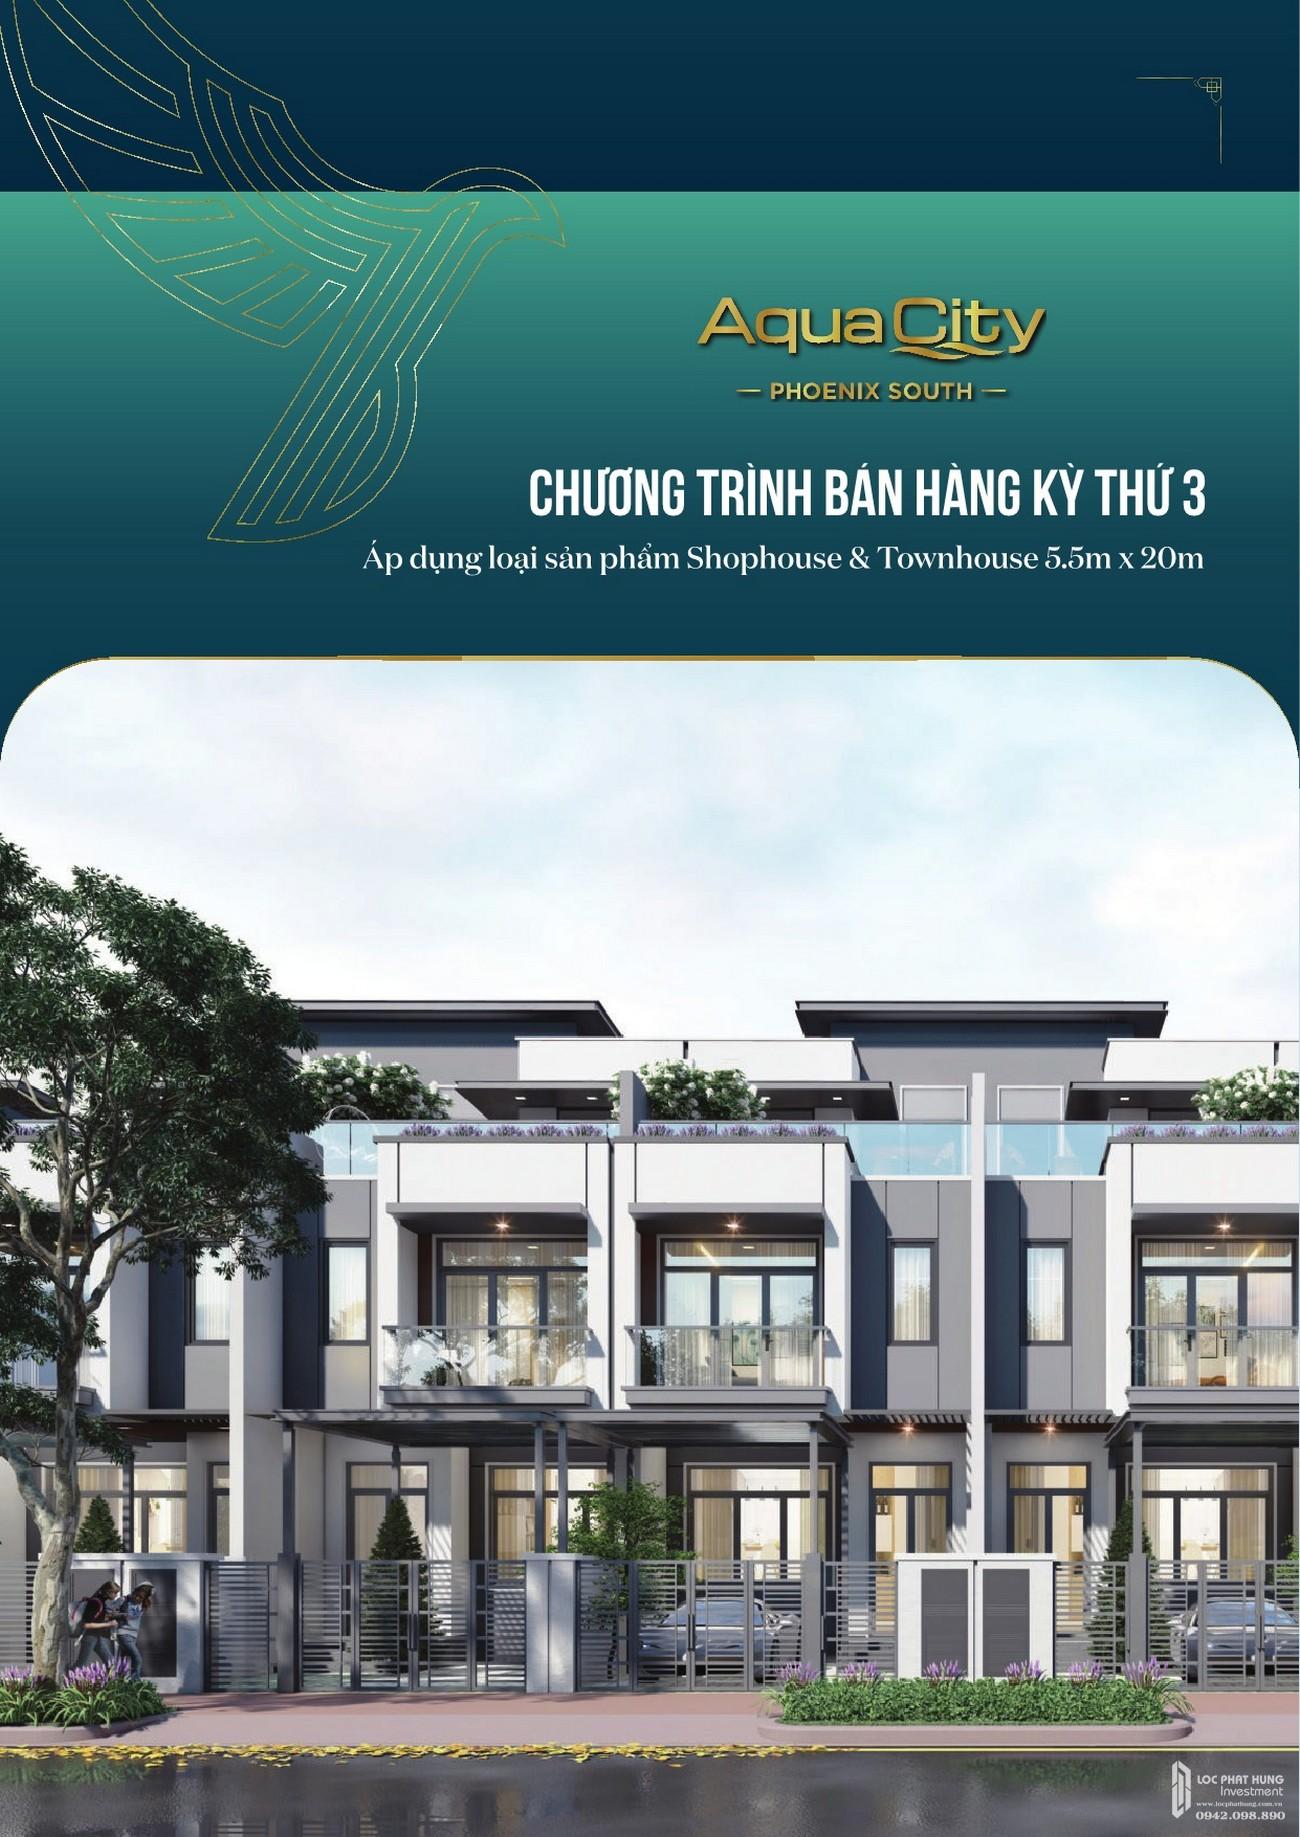 Chương trình bán hàng dự án nhà phố Aqua City The Phoenix South